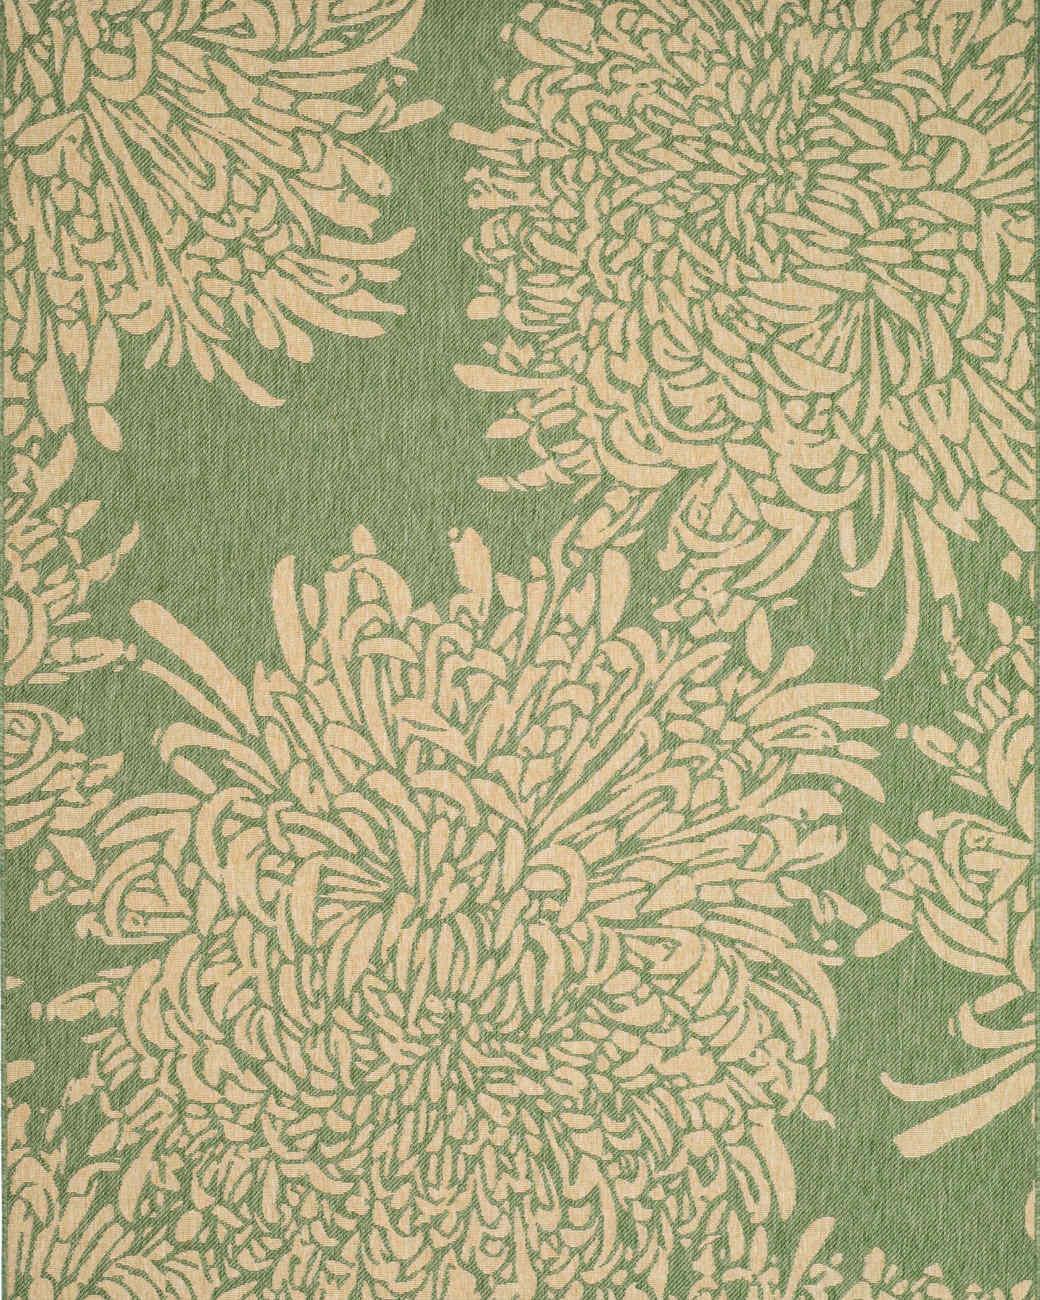 thd-green-rug-mrkt-0214.jpg